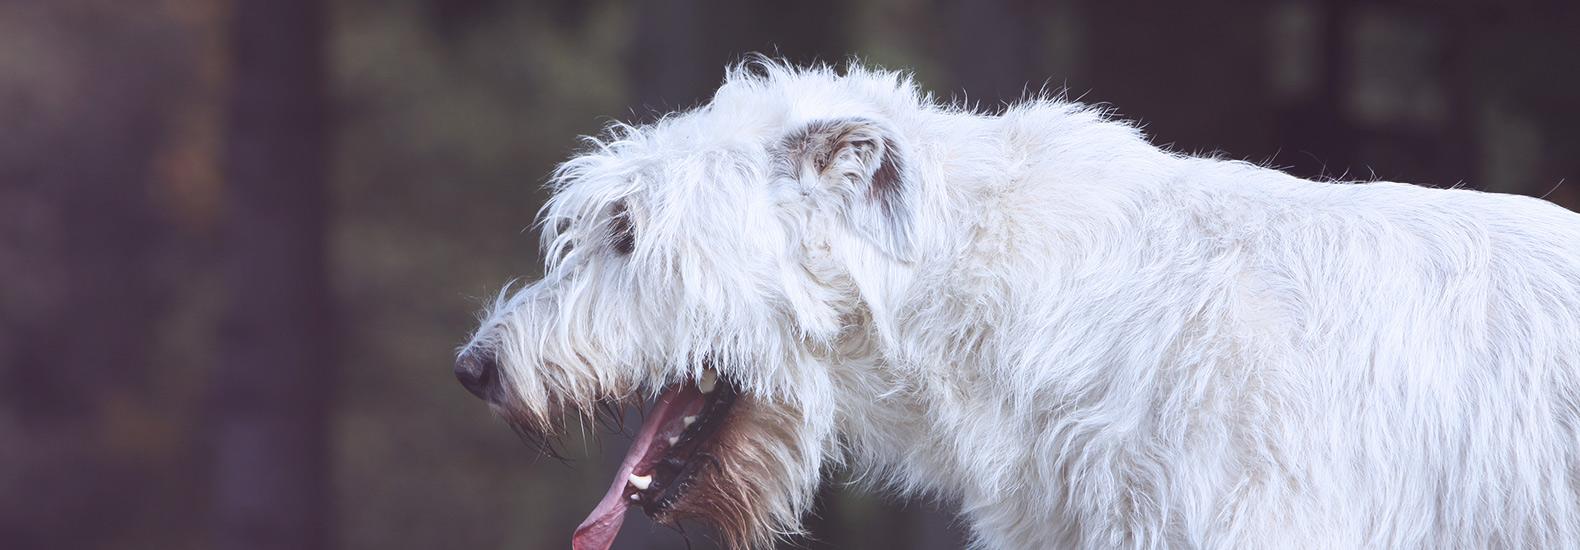 Los peligros del verano para los perros